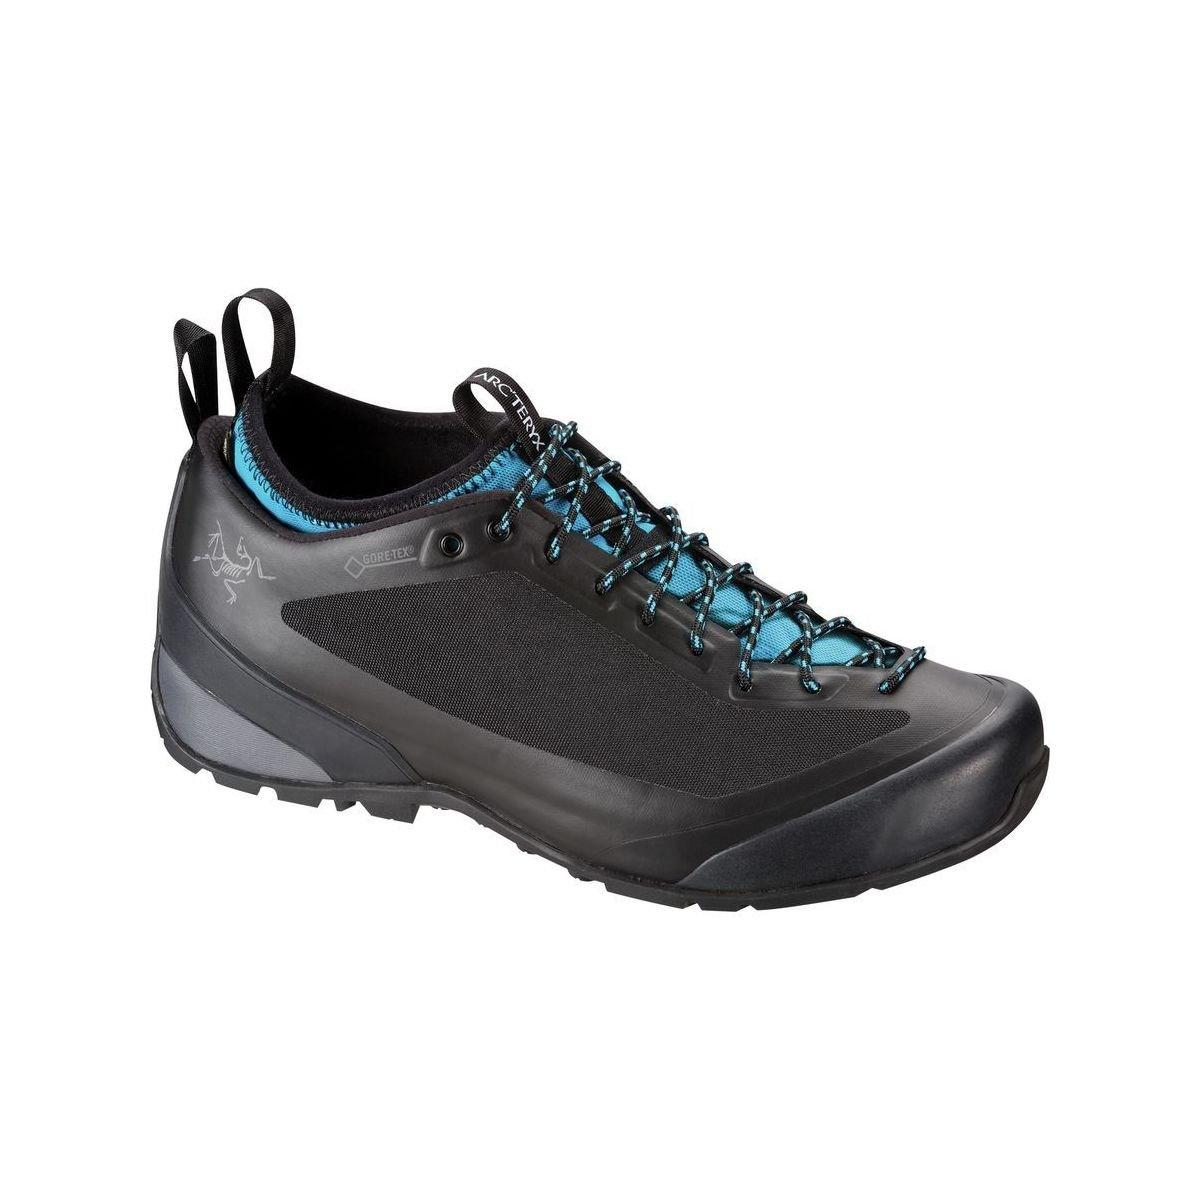 アークテリクス(アークテリクス) ACRUX2 FL GTX アプローチシューズ 靴 L06314100 B00O4CHAL2 27.5 cm BLACKBIG SURF ARC